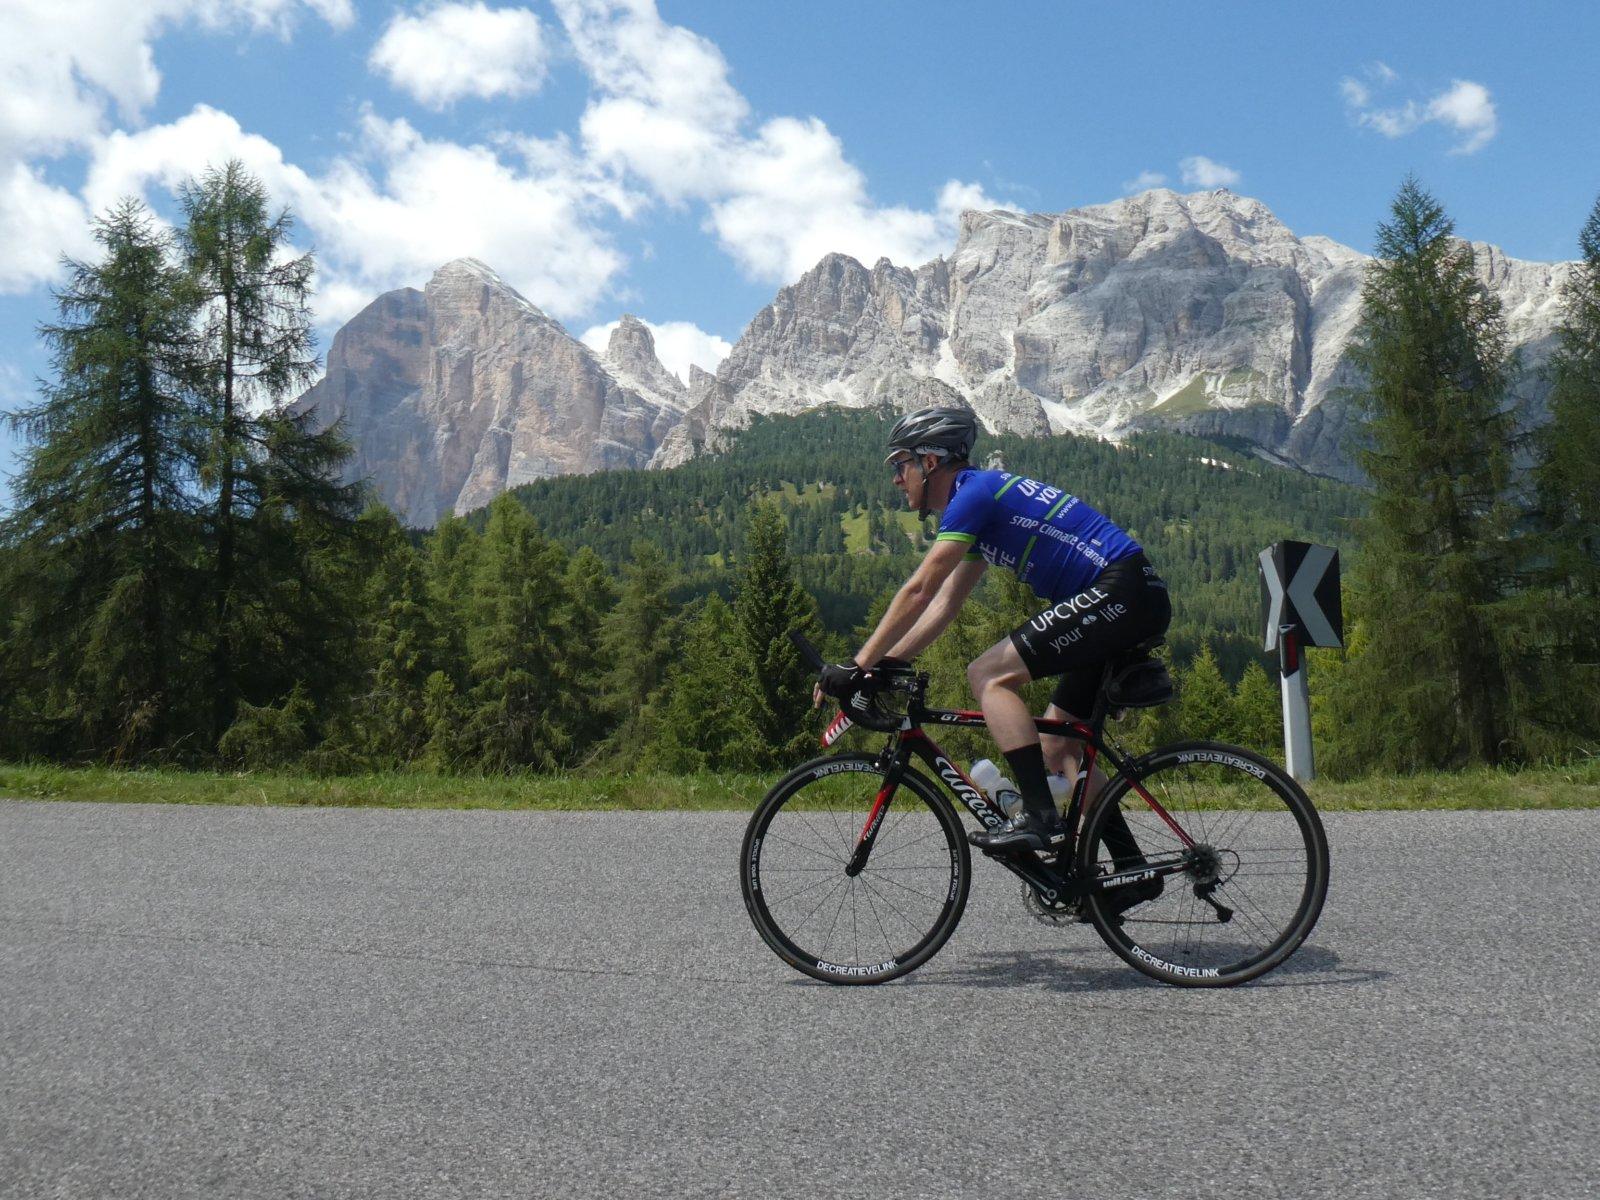 Upcycle your life wielertrui in de Dolomieten